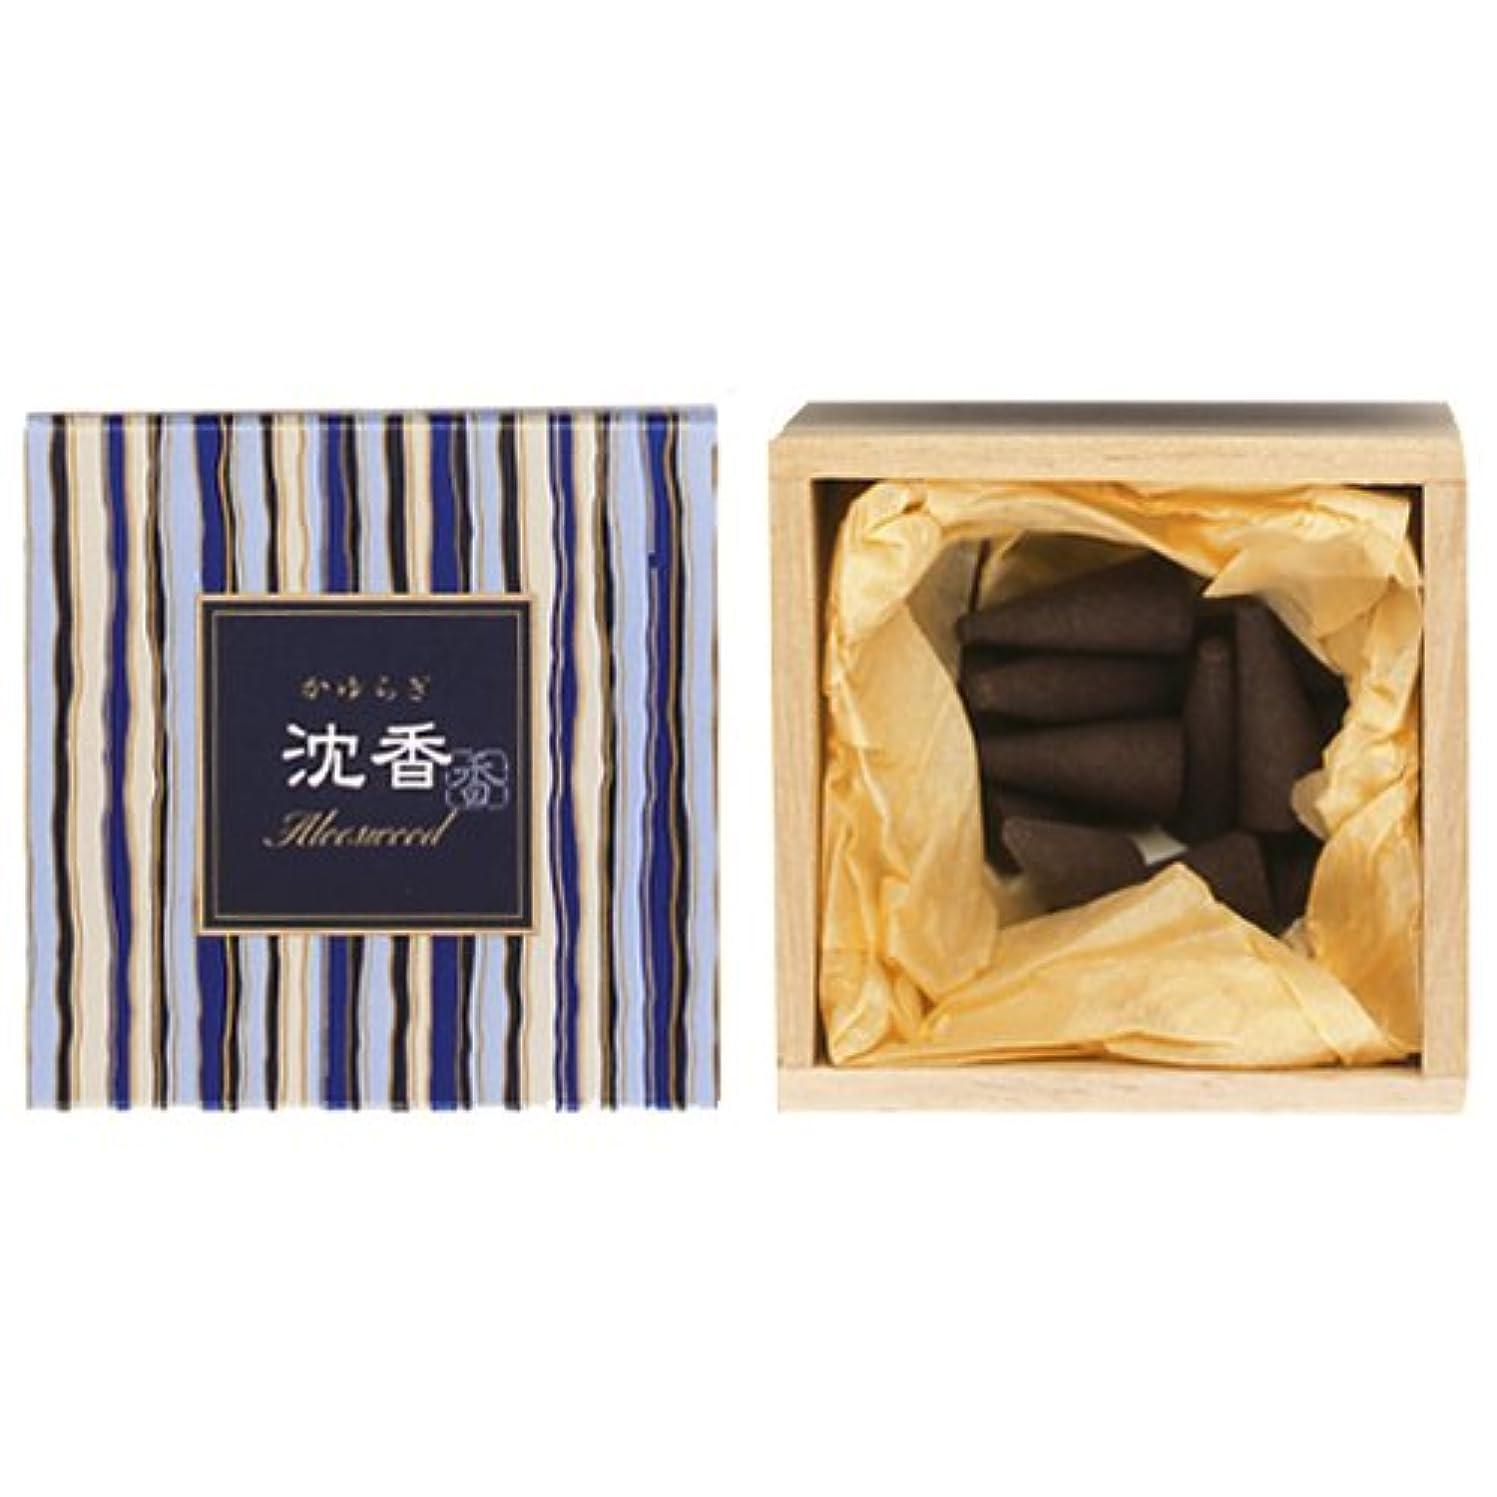 動員する動員する買い手日本香道  かゆらぎ 沈香 12個入り コーン形